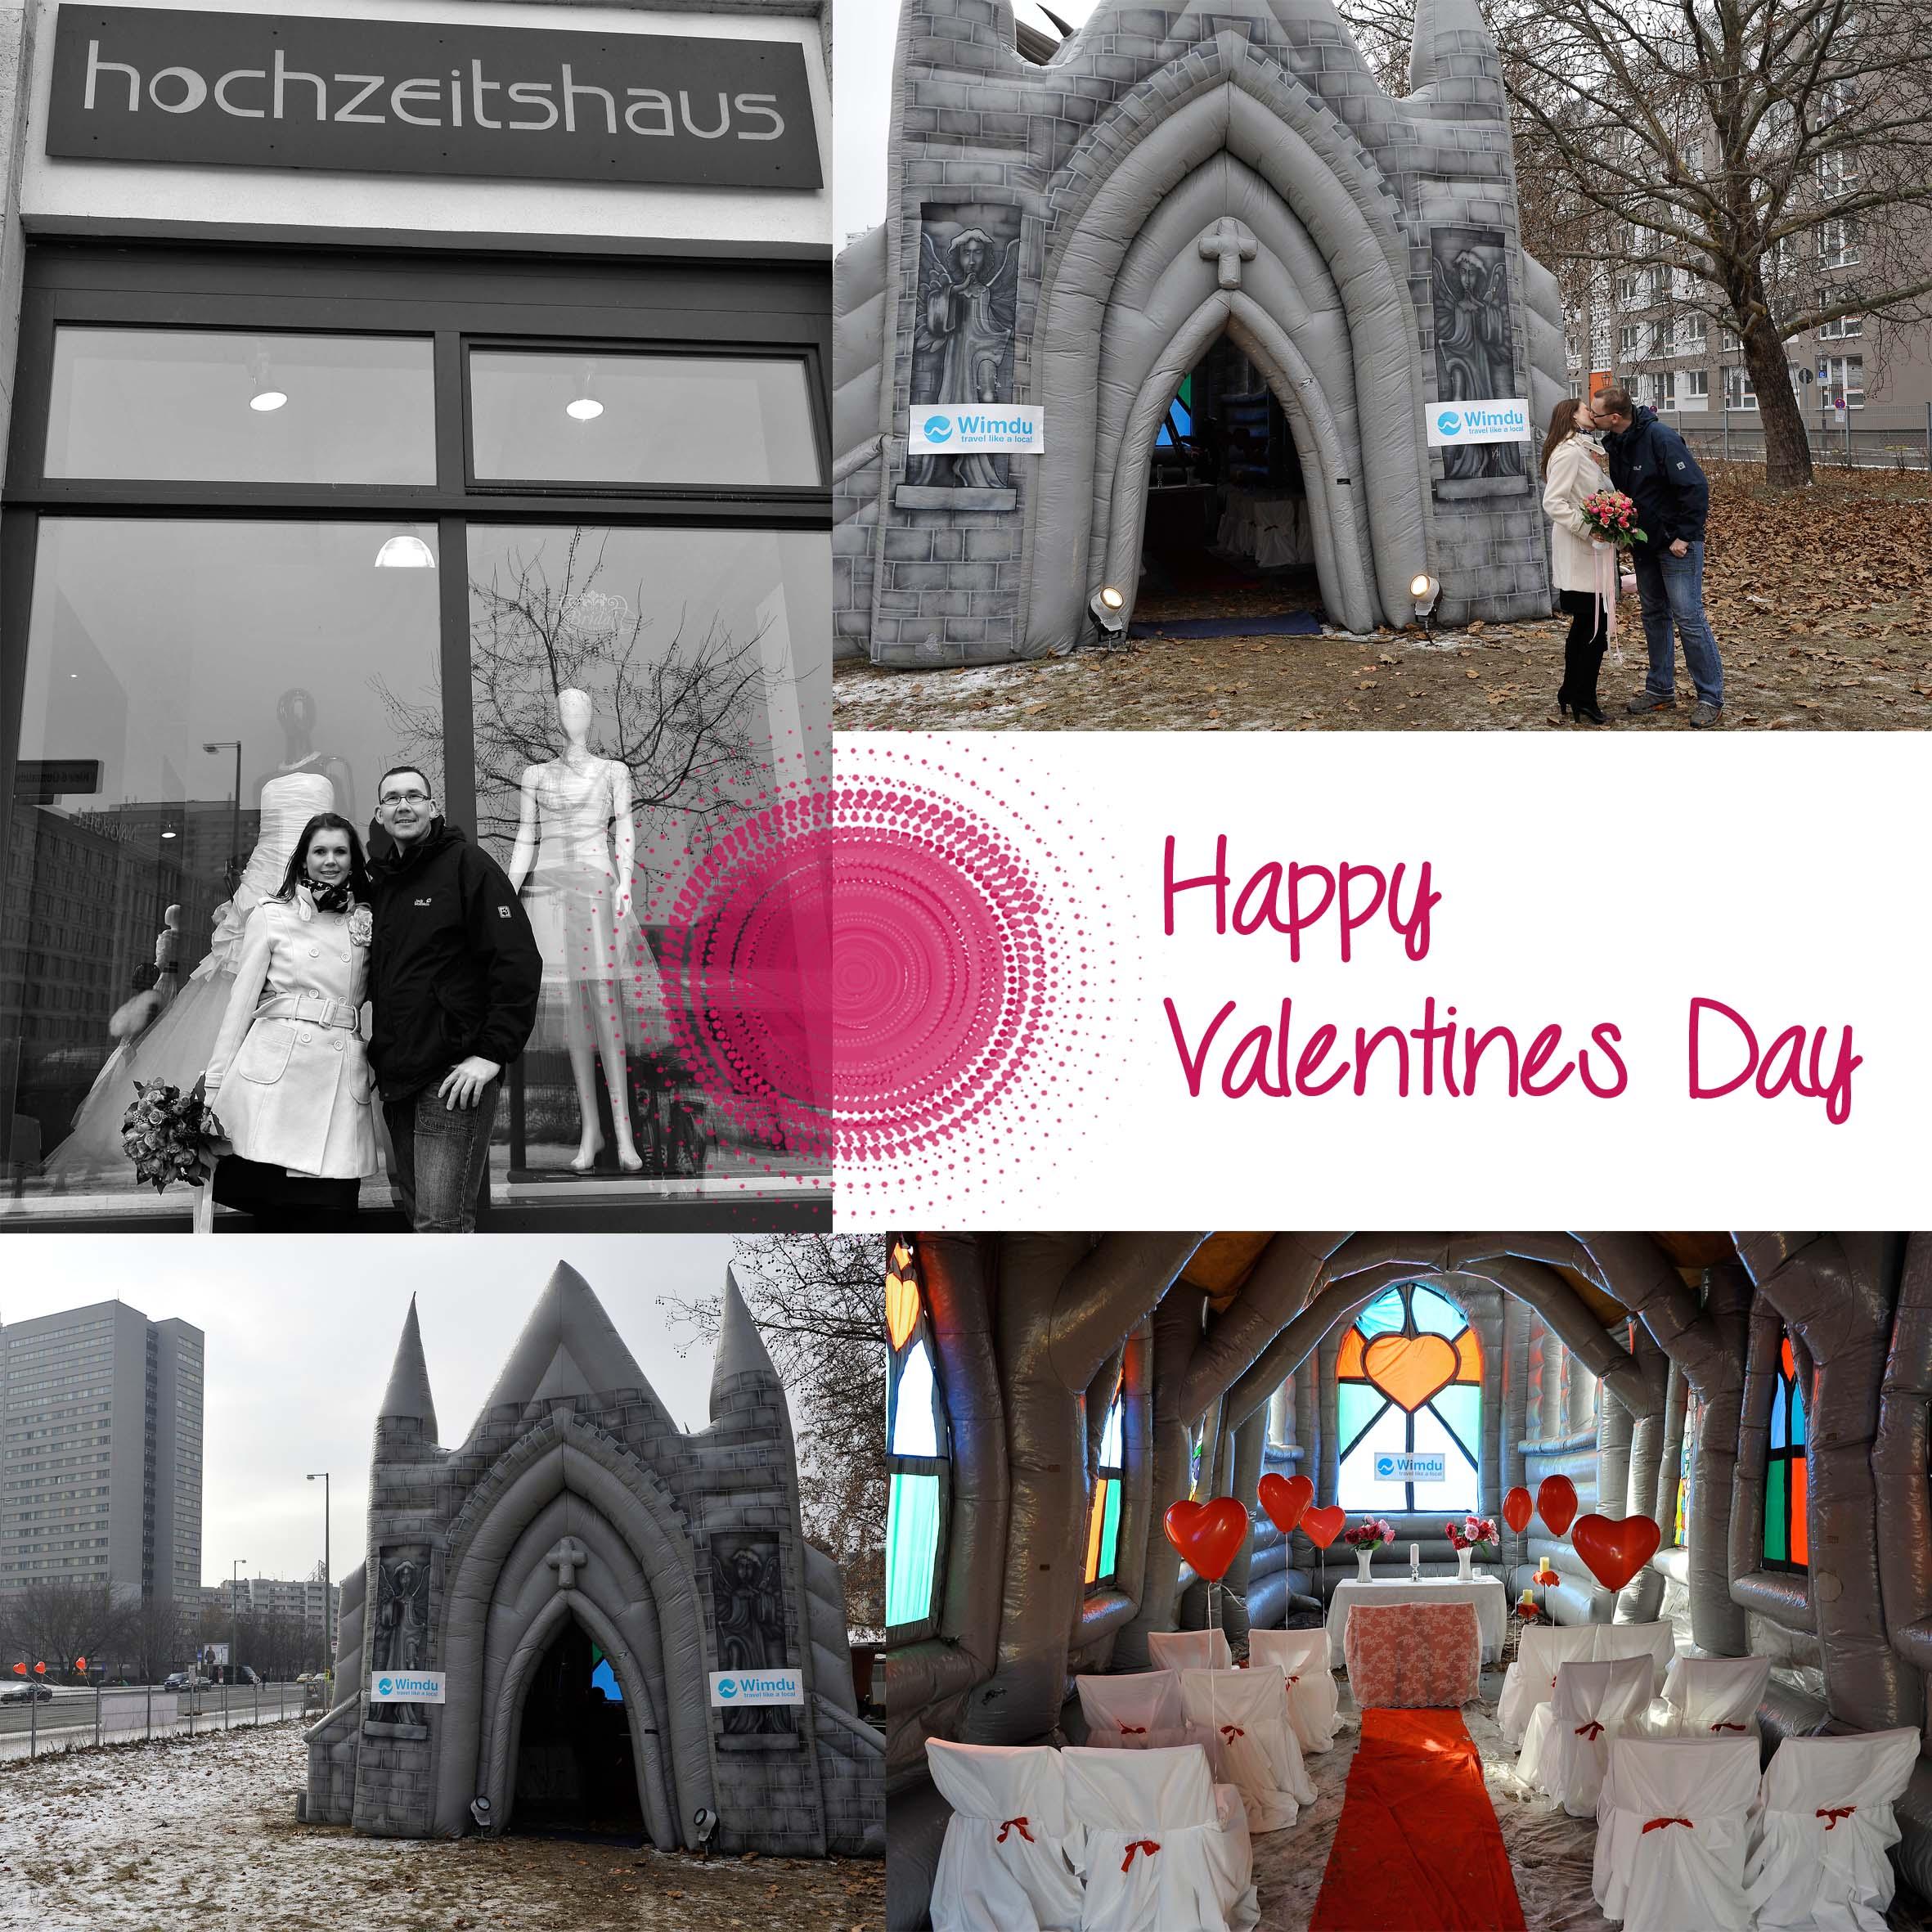 http://babyrockmyday.com/happy-valentinstag/